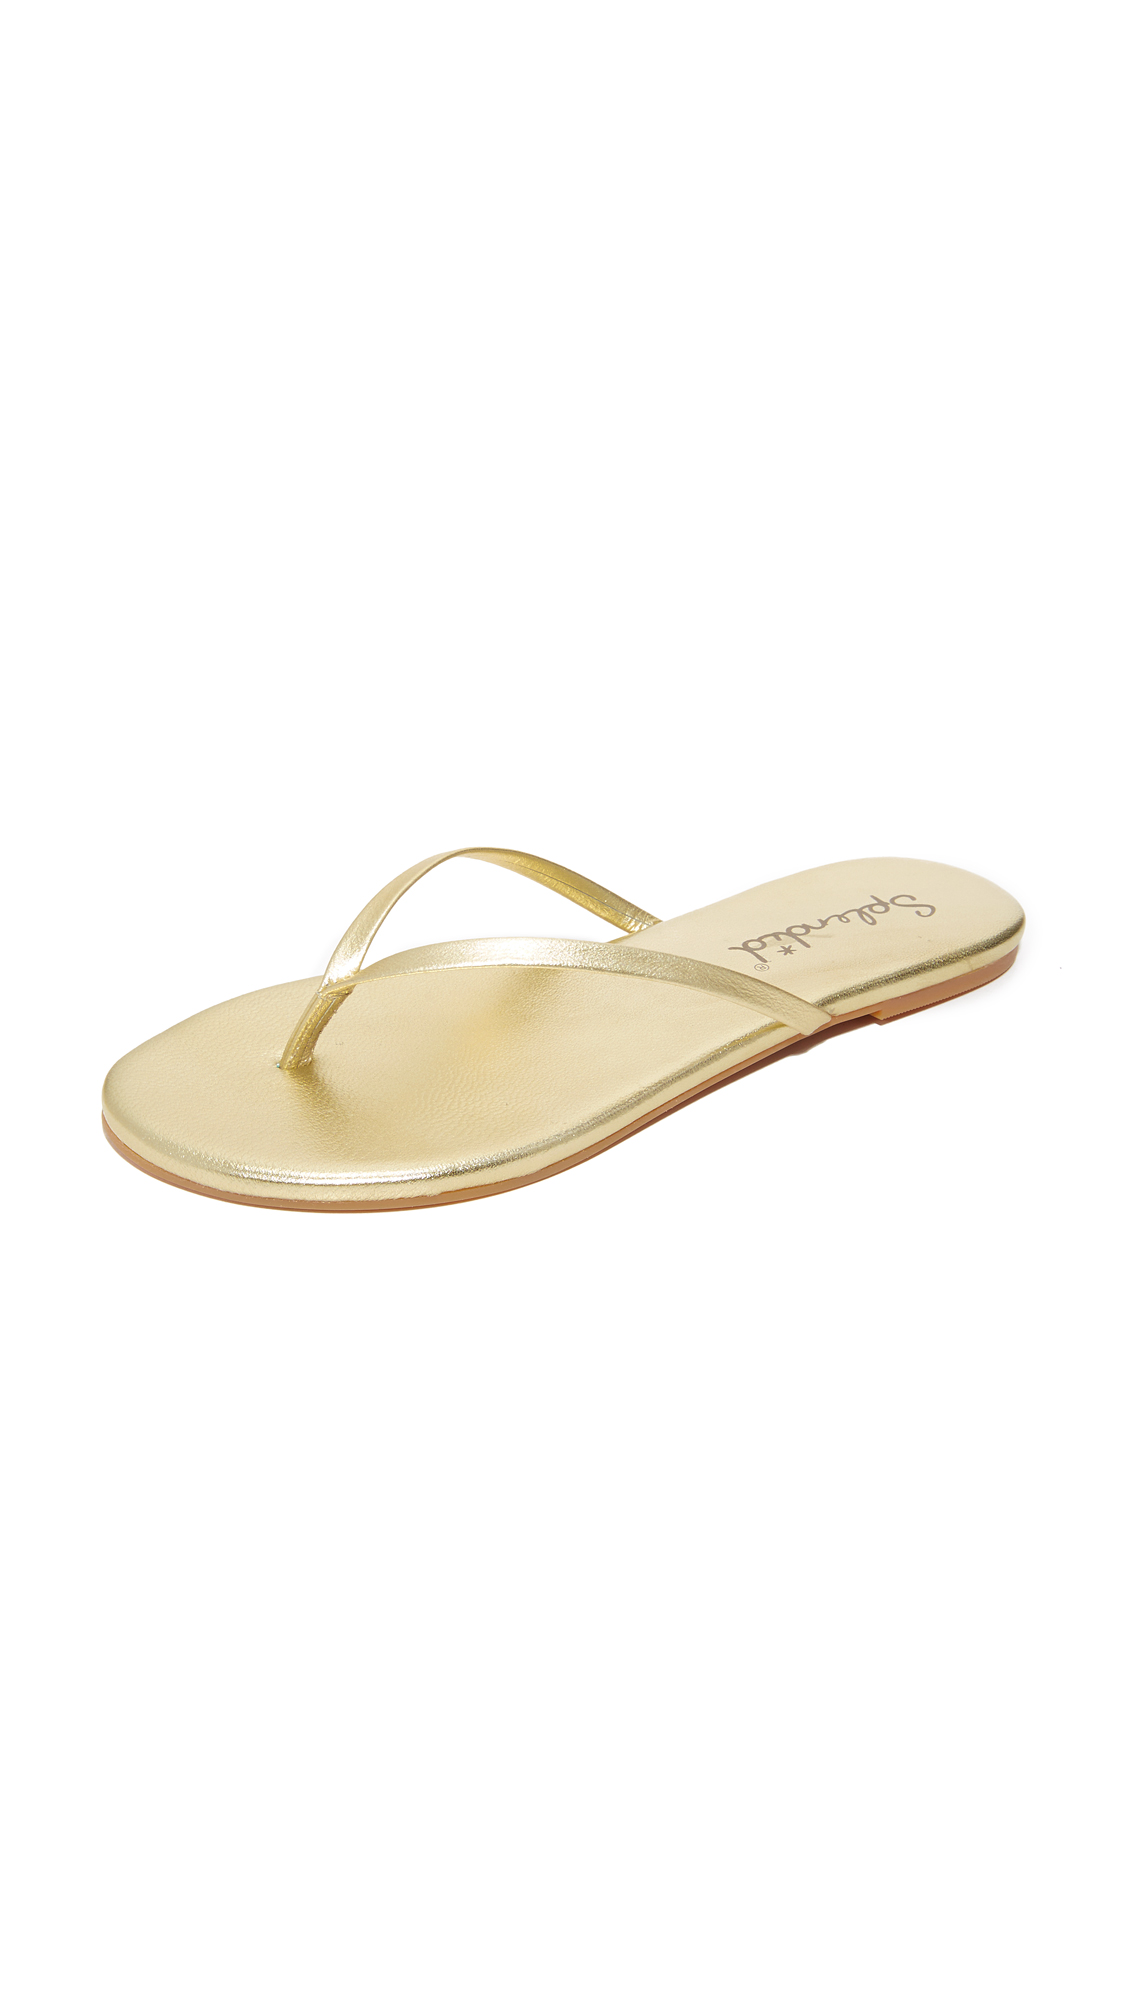 splendid female splendid madrid metallic flip flops gold